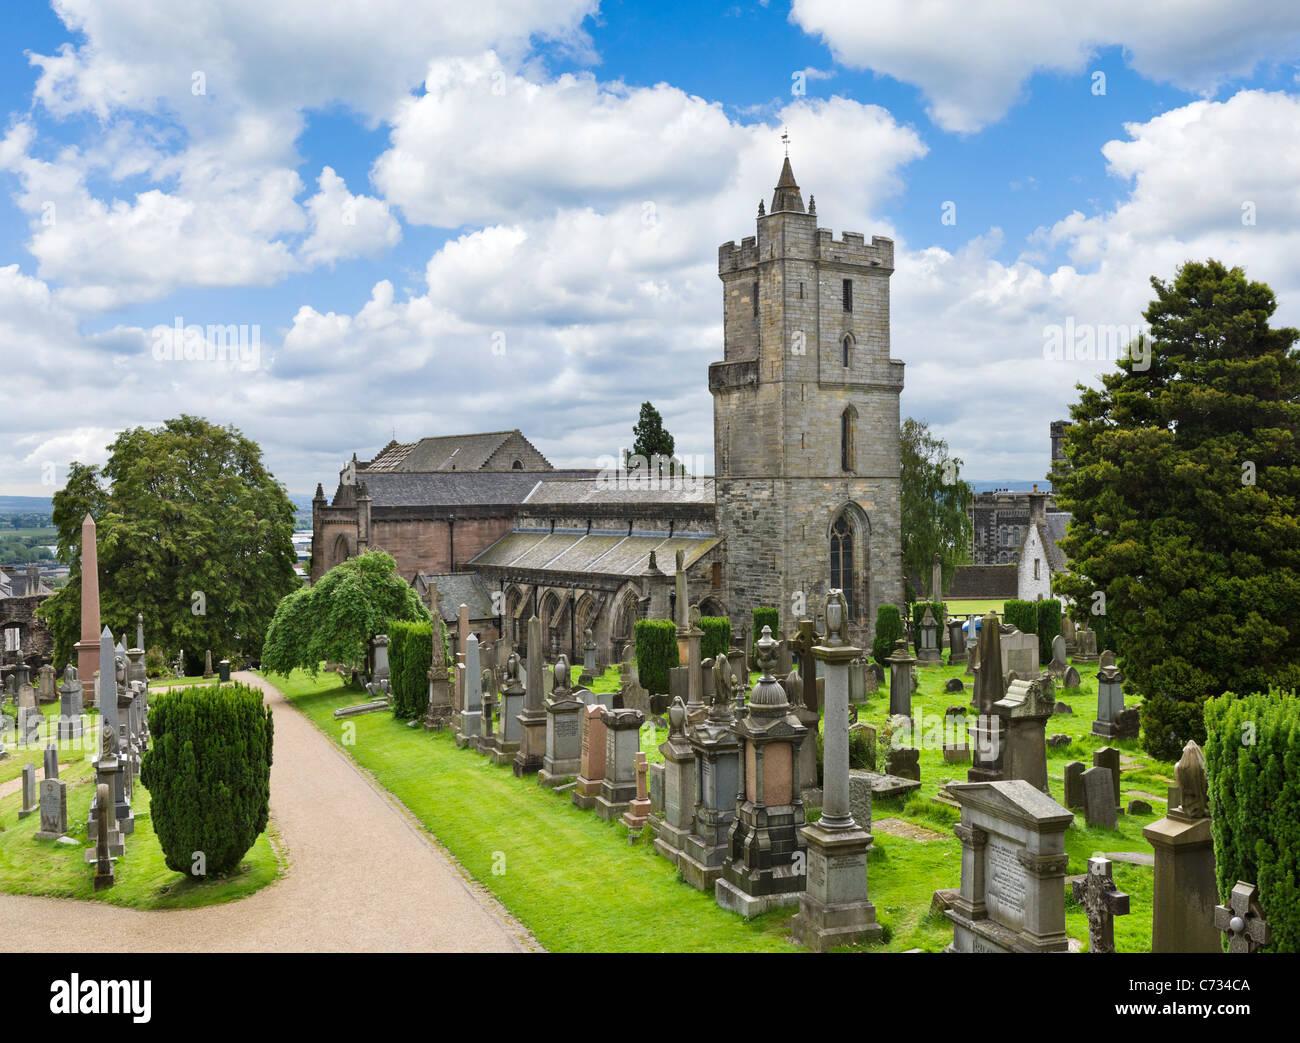 Eglise Holy Rude, Stirling, Scotland, UK Photo Stock